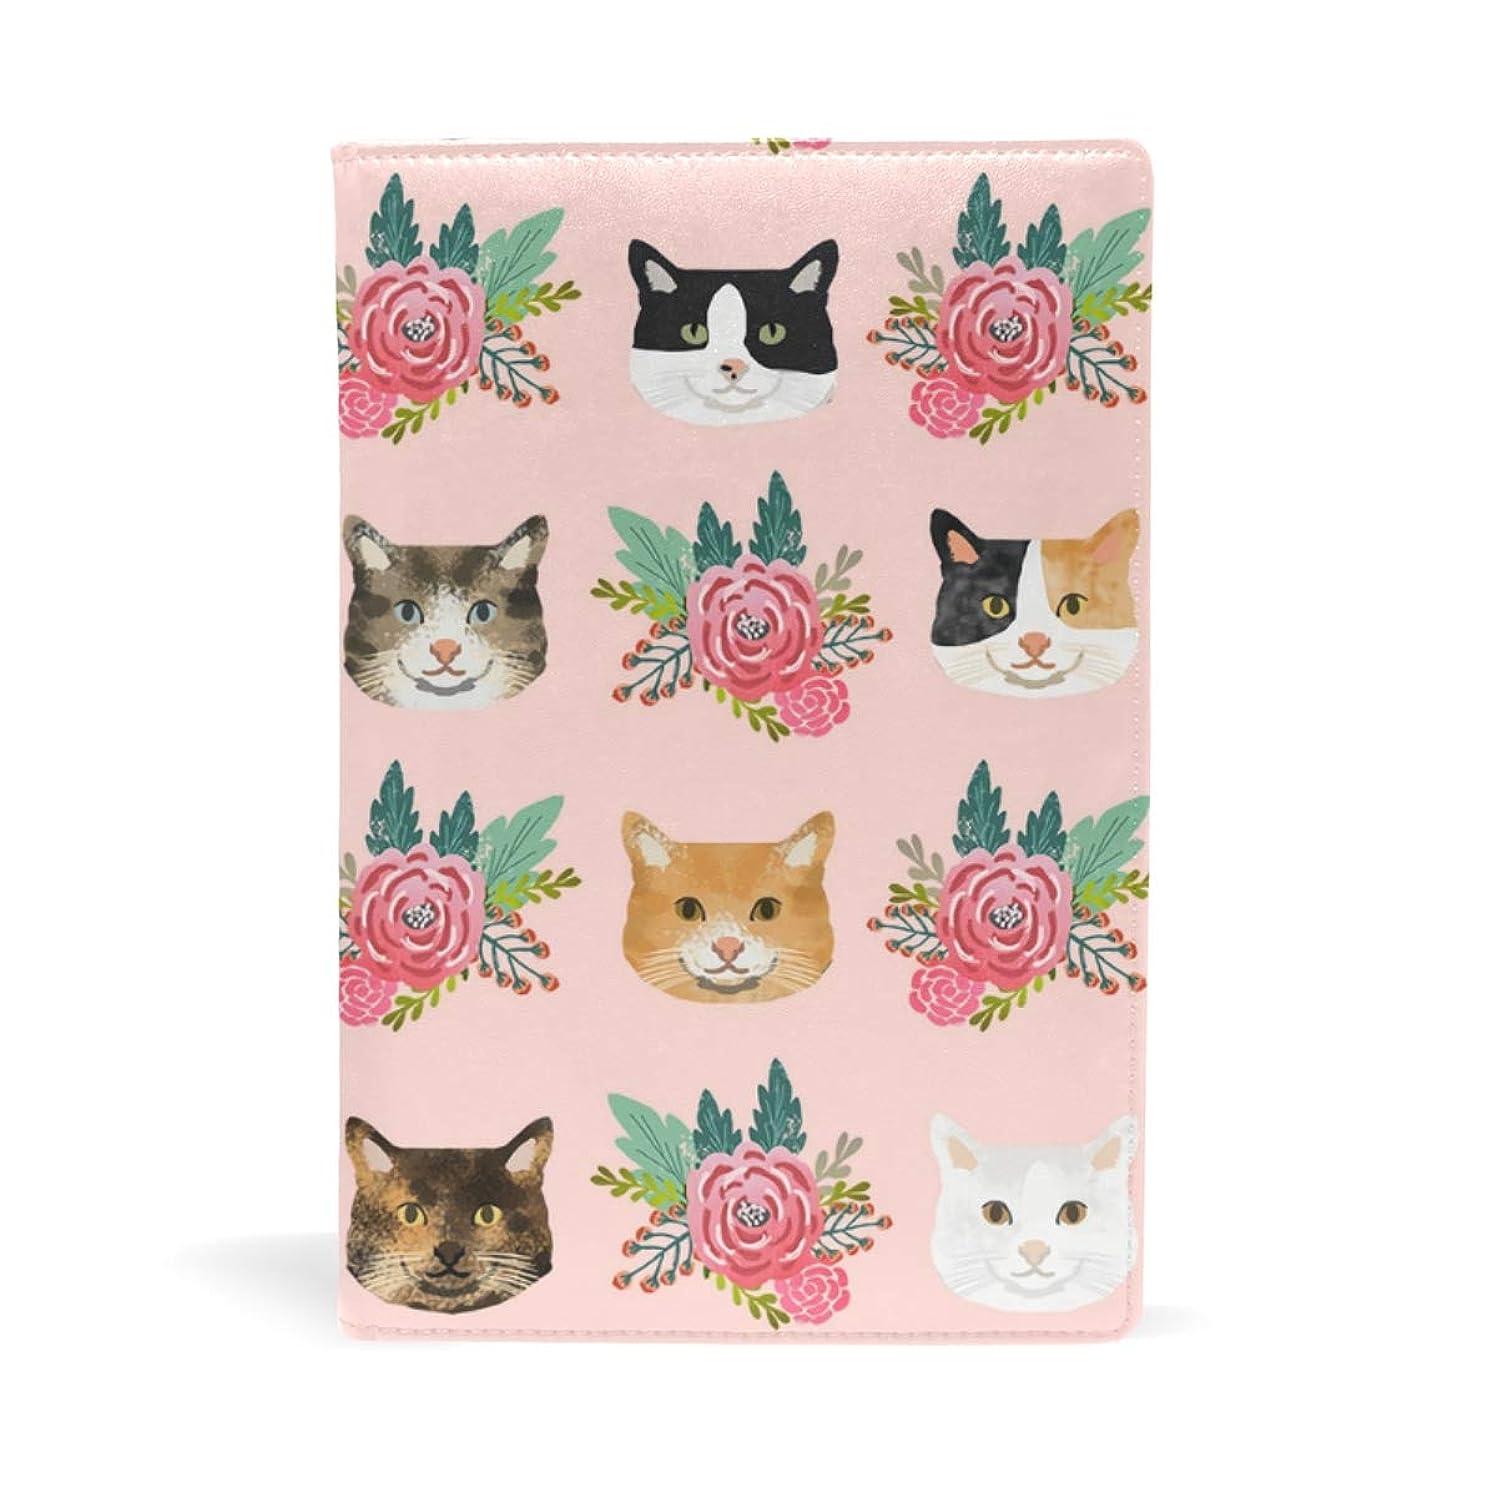 再び時々芸術猫の顔 花柄 ブックカバー 文庫 a5 皮革 おしゃれ 文庫本カバー 資料 収納入れ オフィス用品 読書 雑貨 プレゼント耐久性に優れ